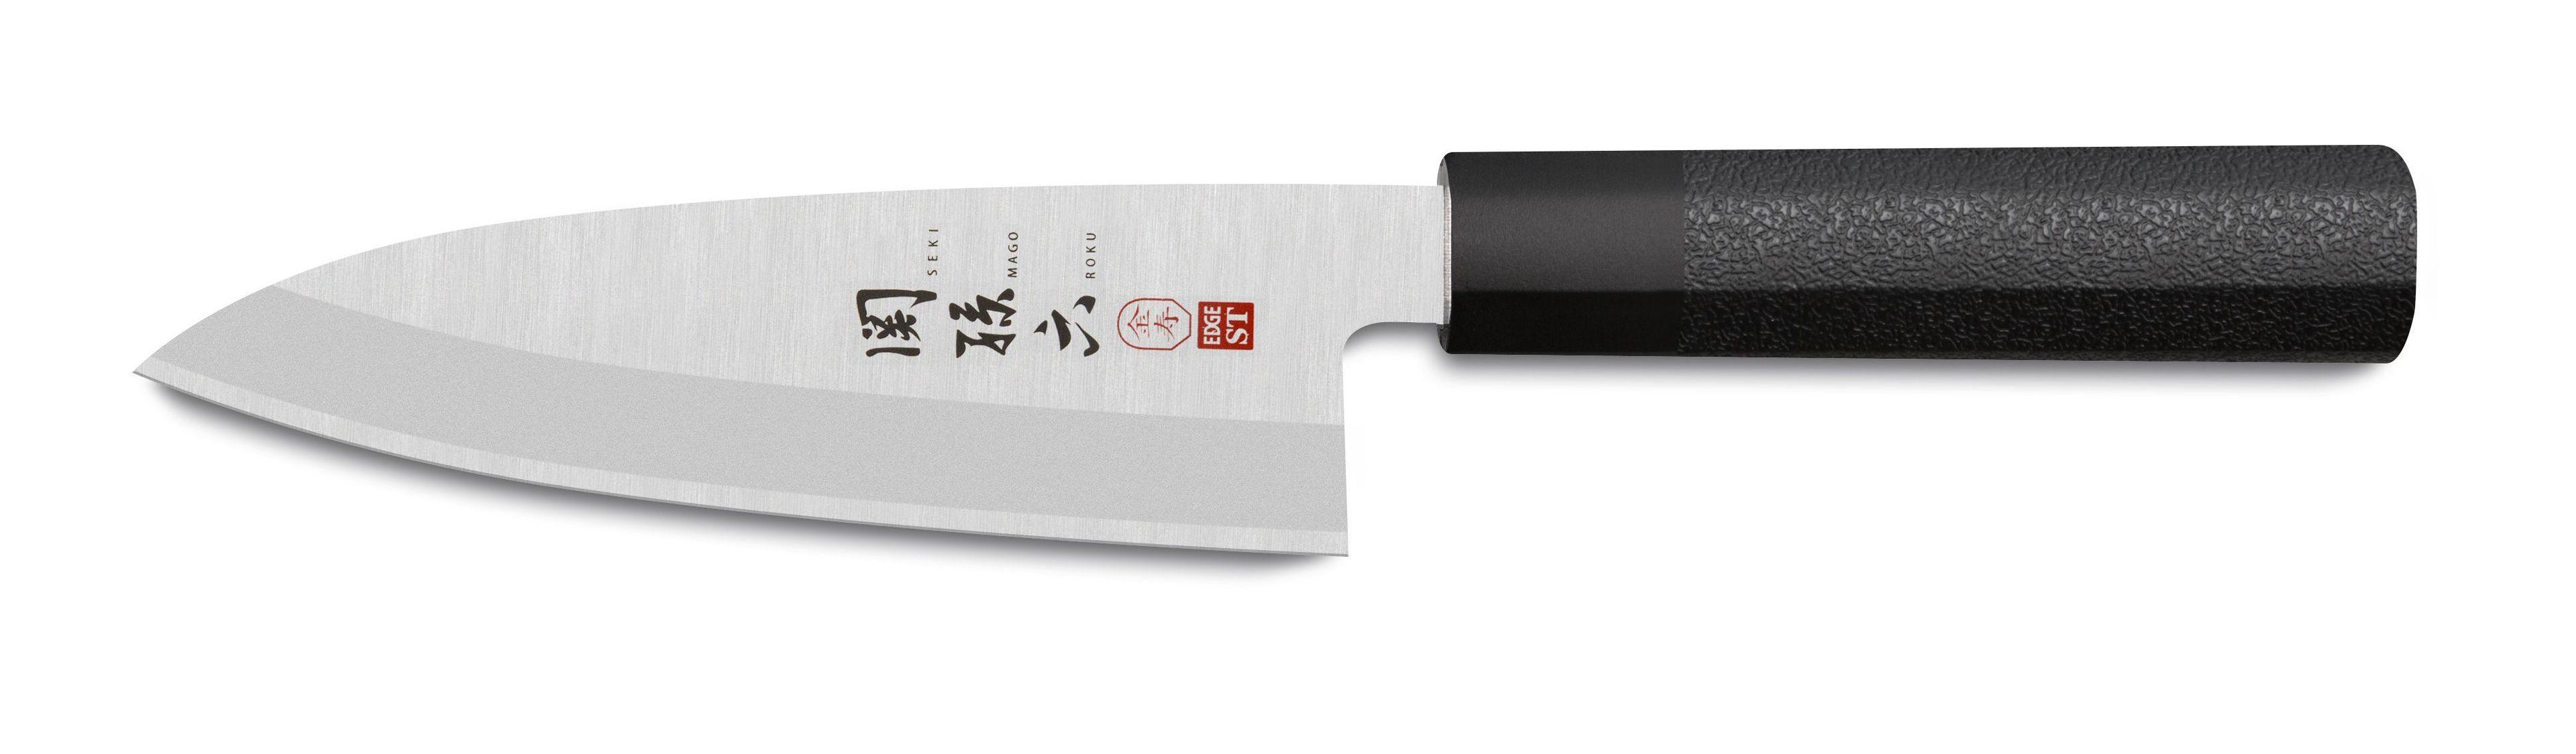 KAI SEKI MAGOROKU Hekiju AK-5073